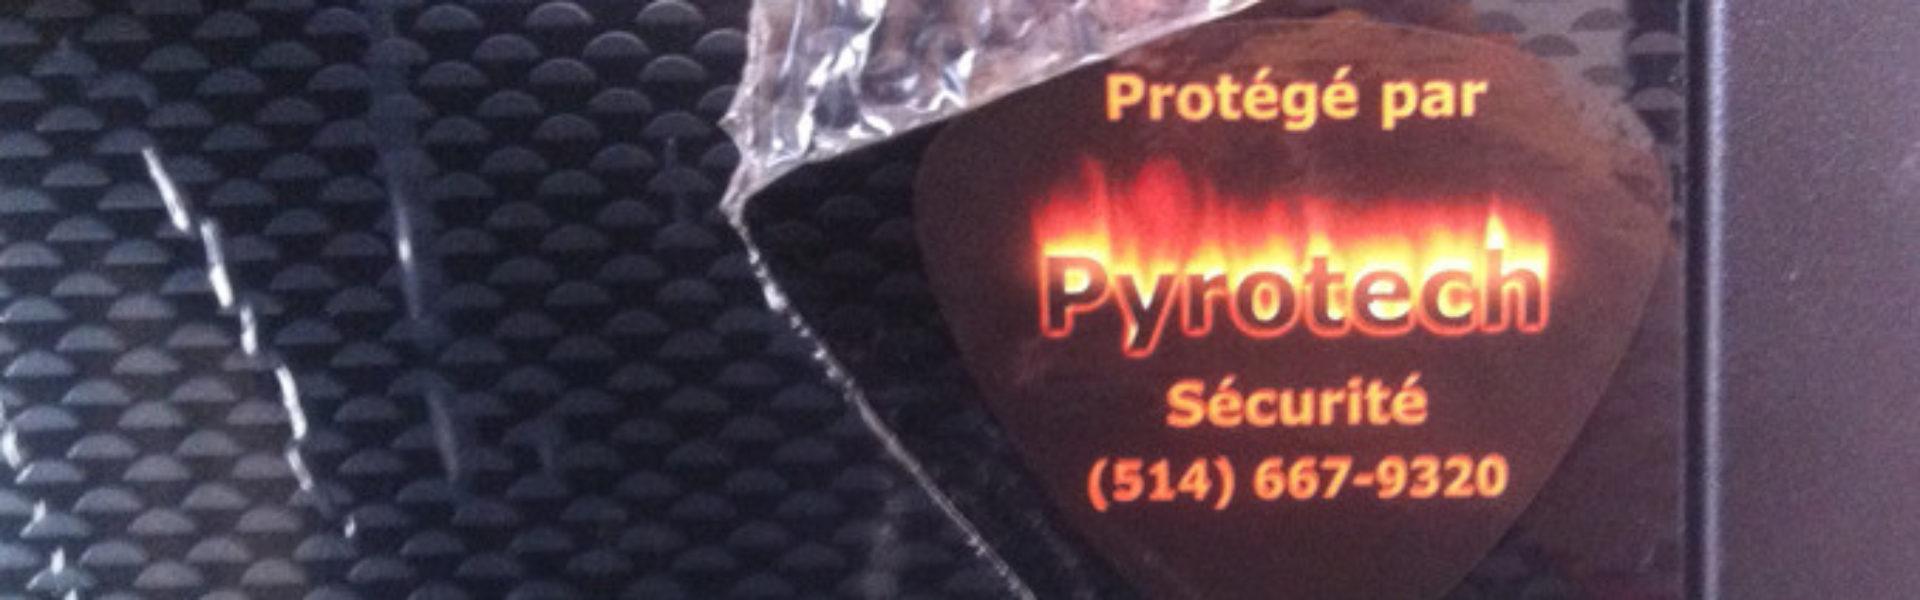 Pyrotech sécurité